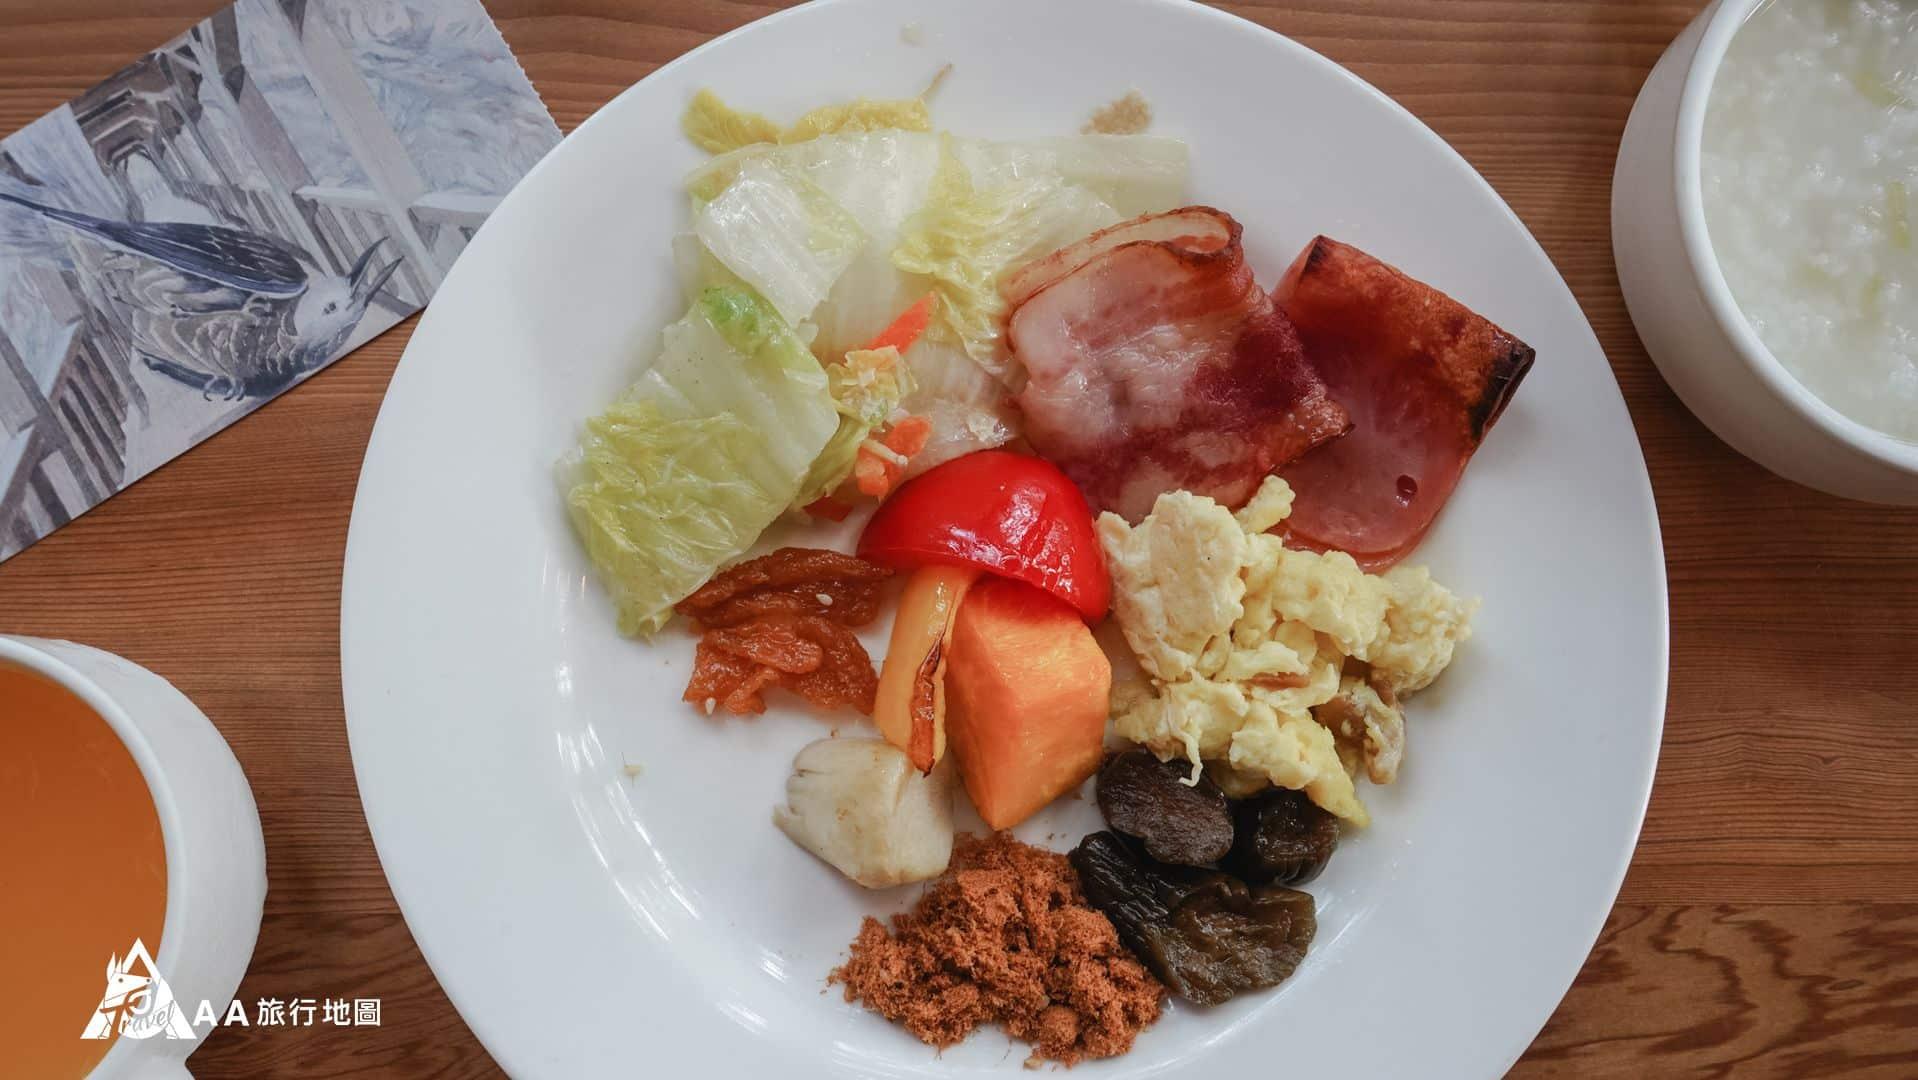 鳳凰亭序 早餐要吃的像皇帝,什麼營養都有